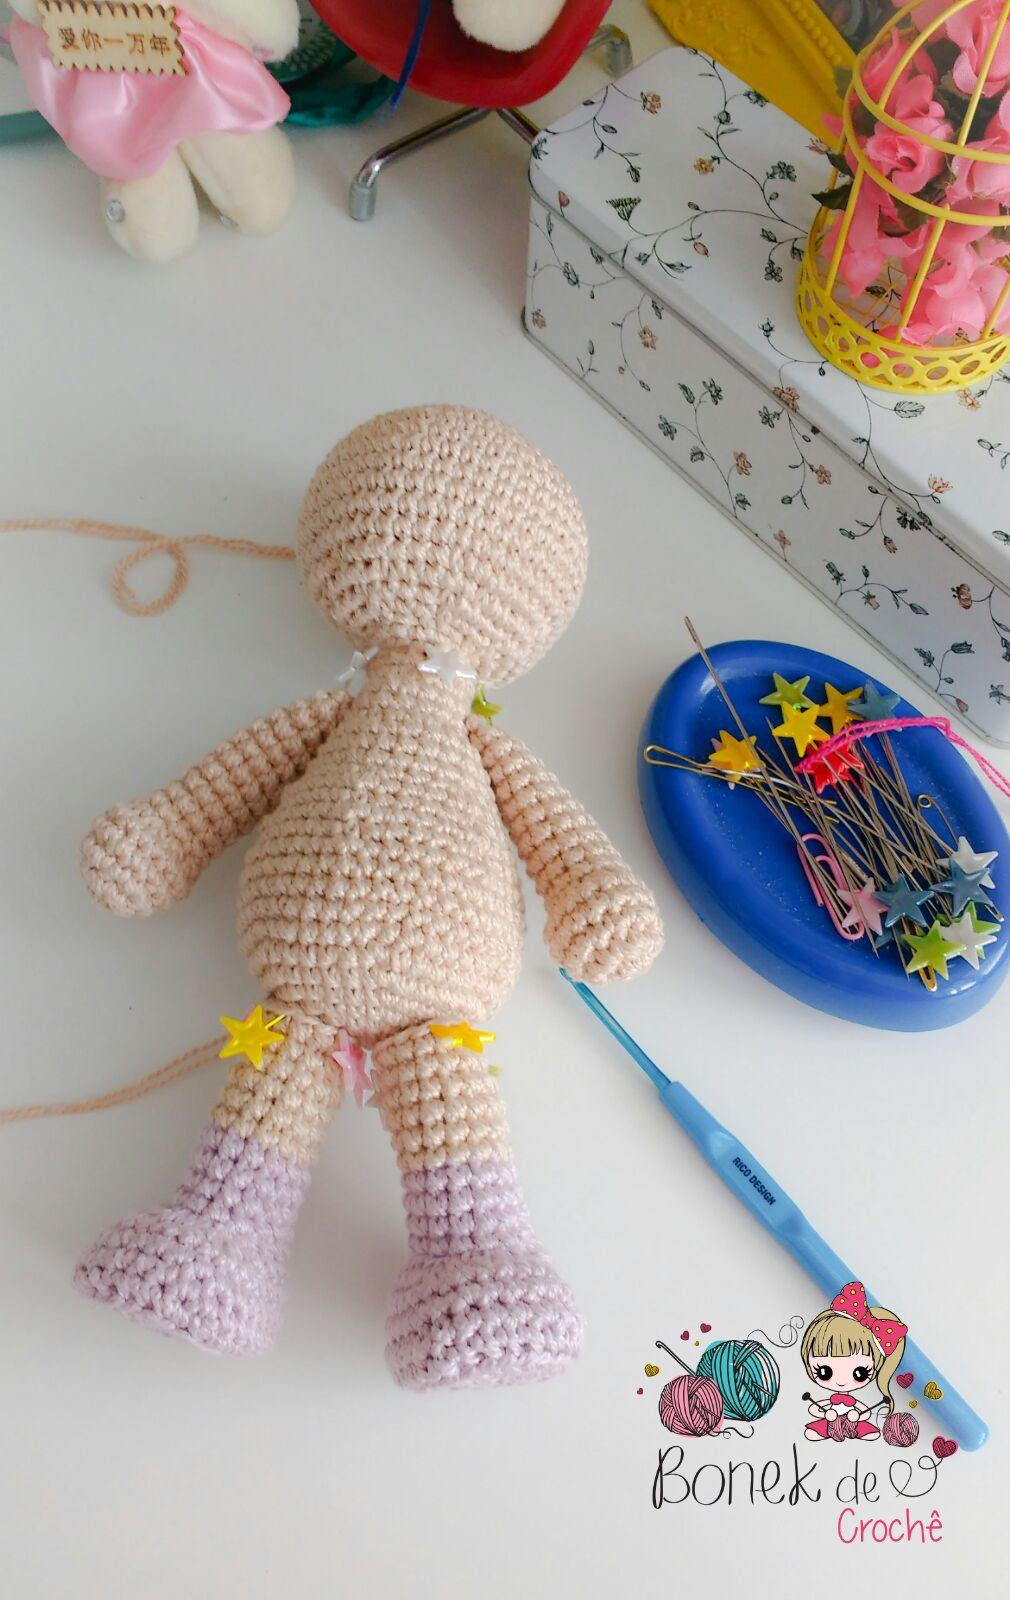 Boneca De Croche Corpinho Passo A Passo Como Fazer Boneca